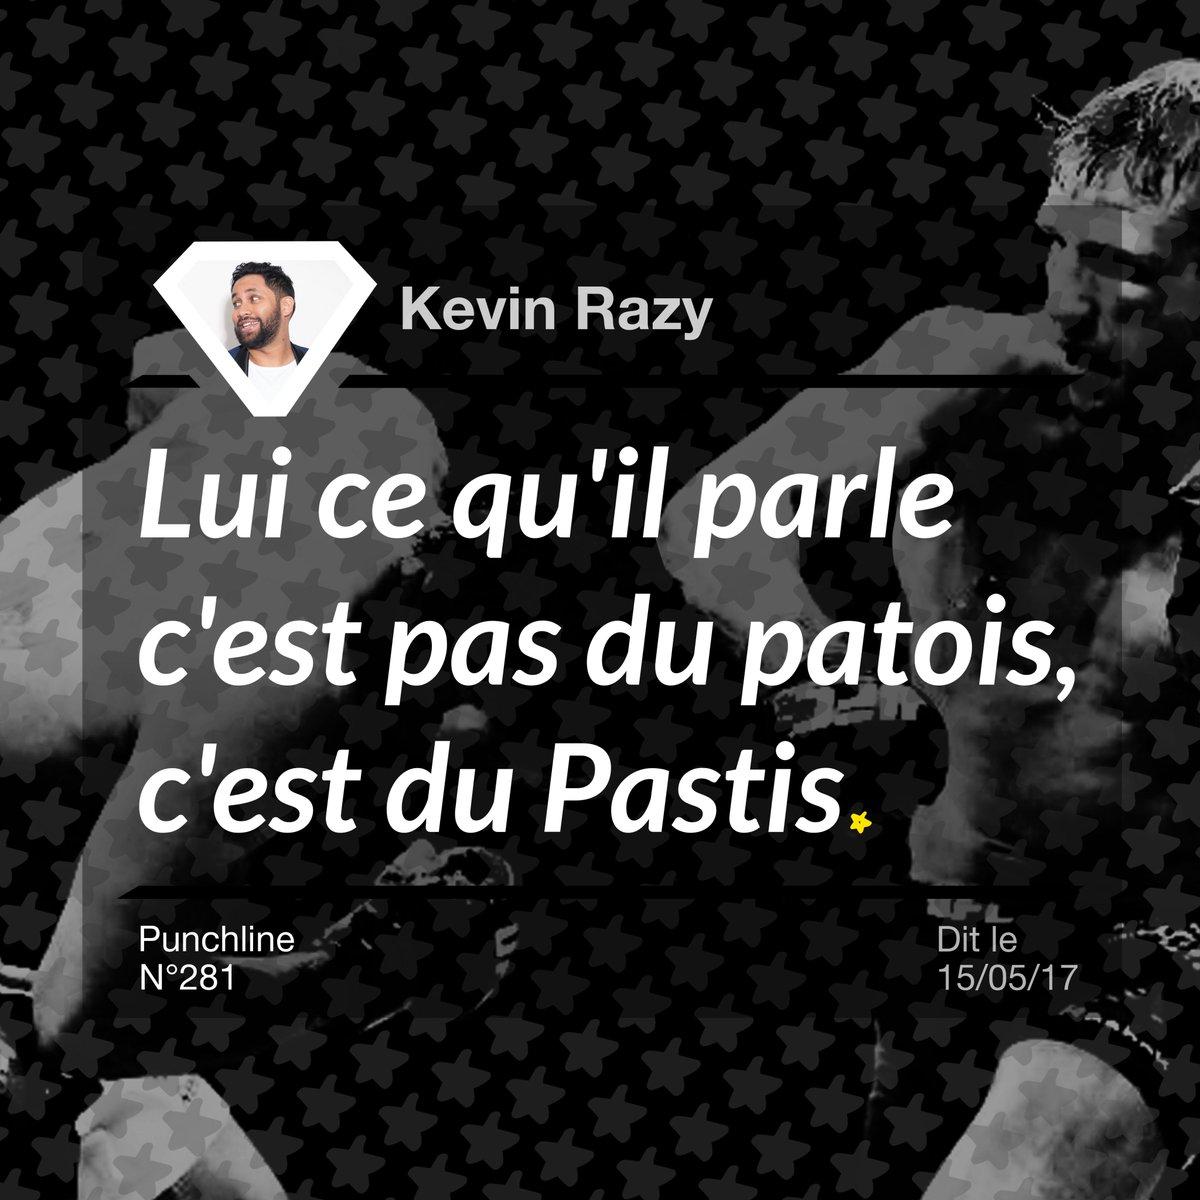 L'affirmation de l'#humoriste @KevinRazy, dans l'émission @RadioJackArthur sur @ouifm. #JeanLassalle #Baam.pic.twitter.com/8yASlRFjoS